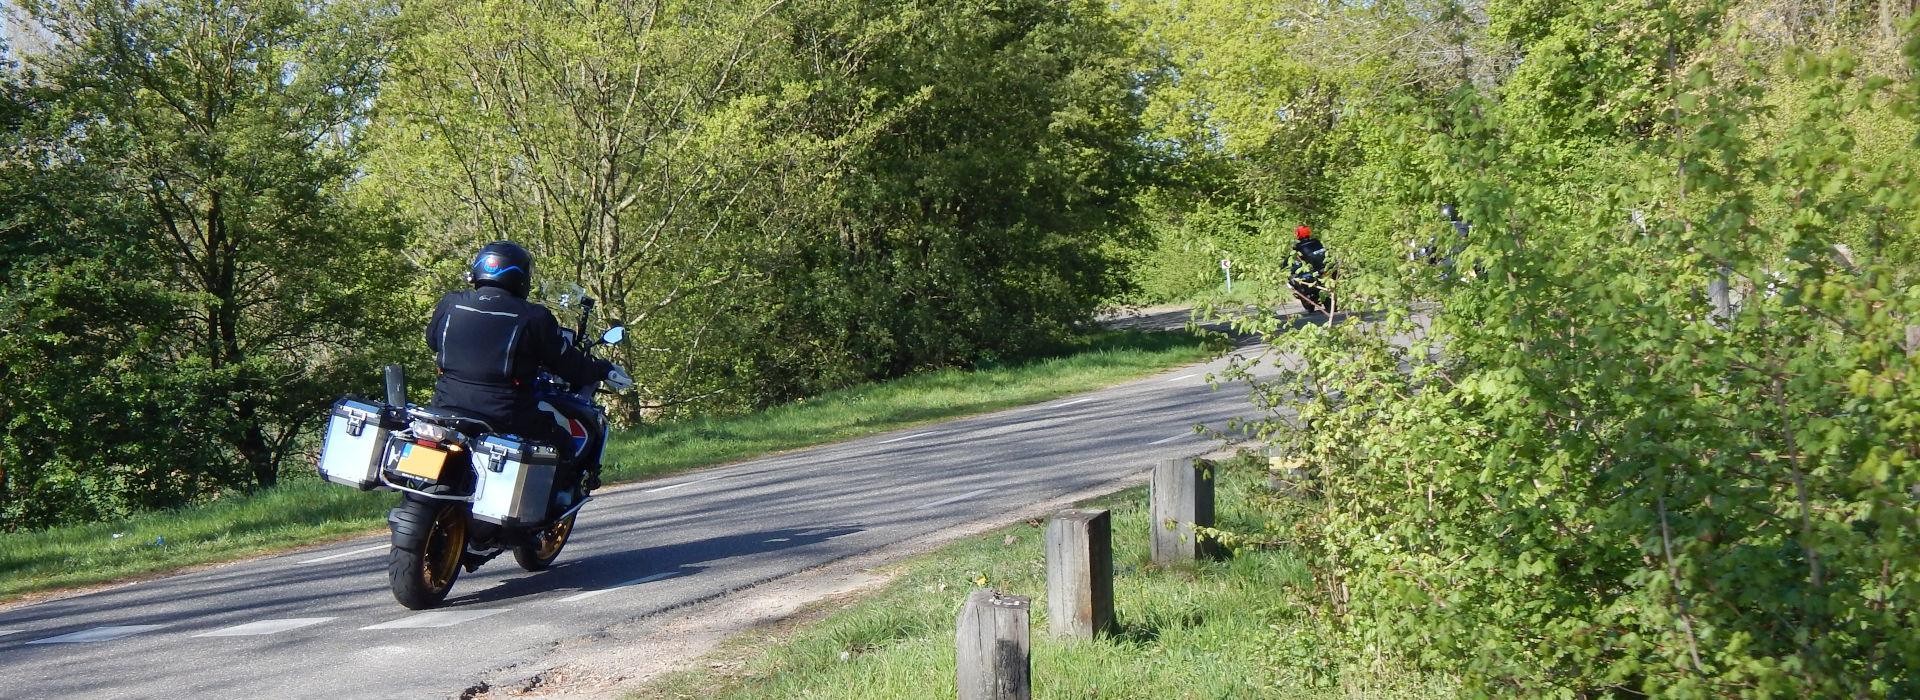 Motorrijbewijspoint Berkel en Rodenrijs spoed motorrijbewijs